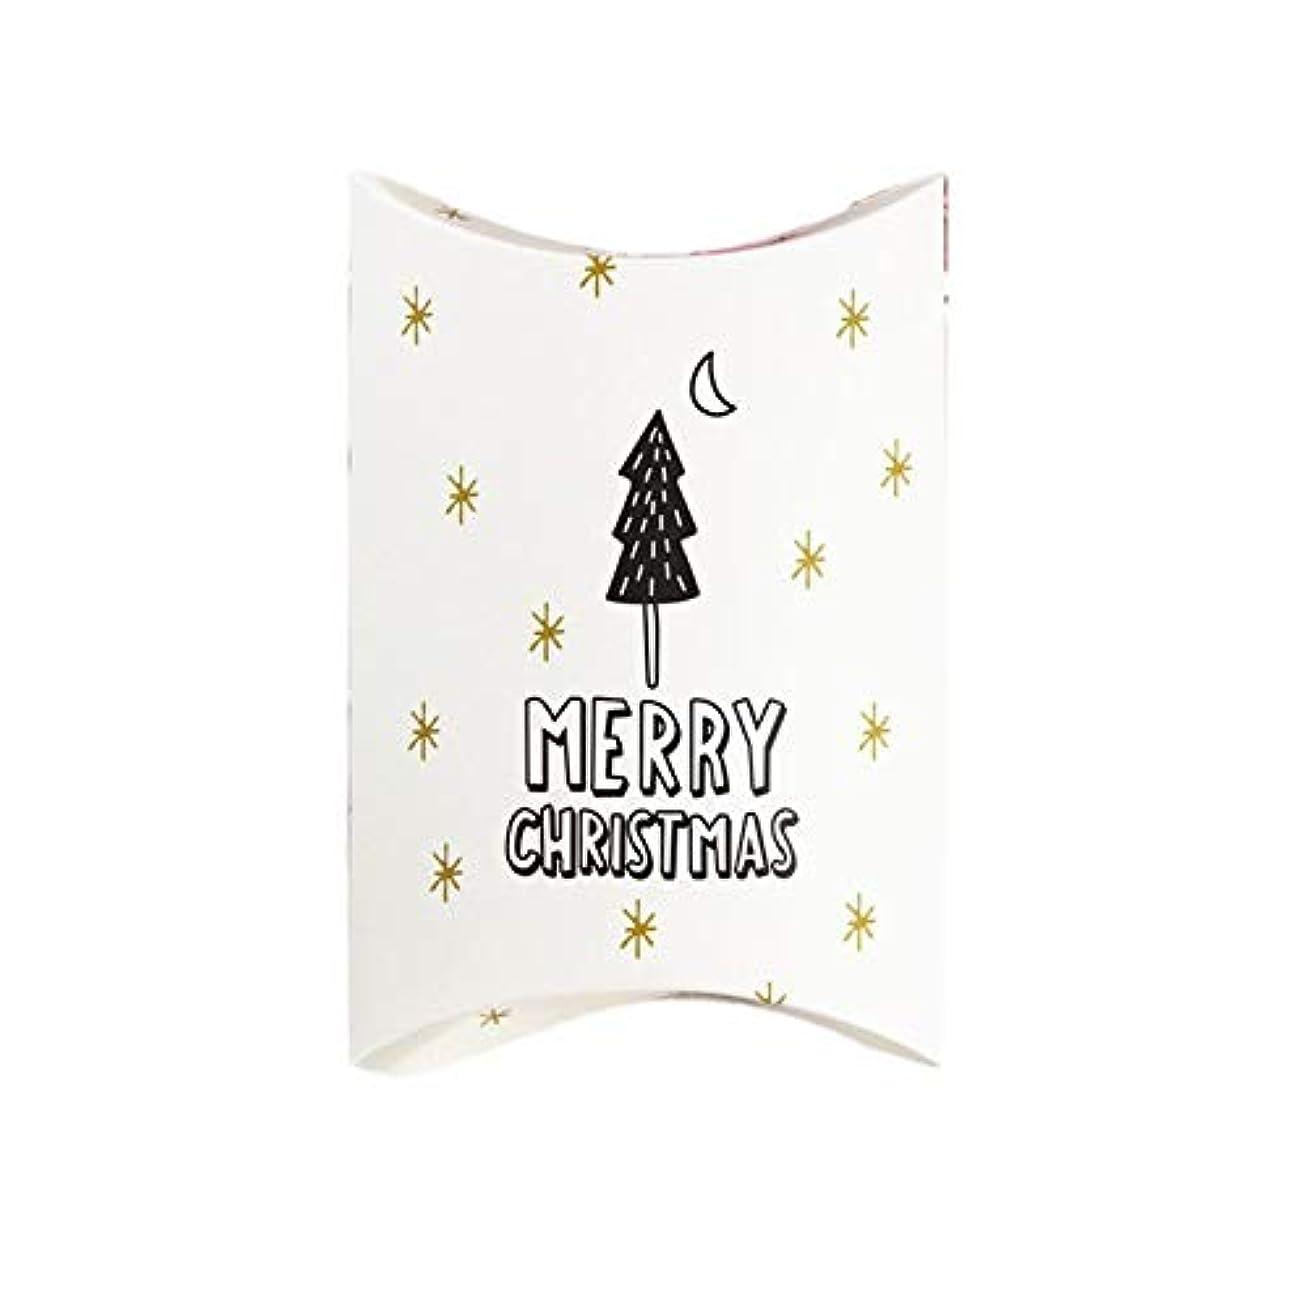 セッティング貸し手どこクリスマス箱の枕形のギフトの包装のカートンキャンデーのギフト用の箱クリスマスパーティーのための自然な枕箱のキャンデー箱